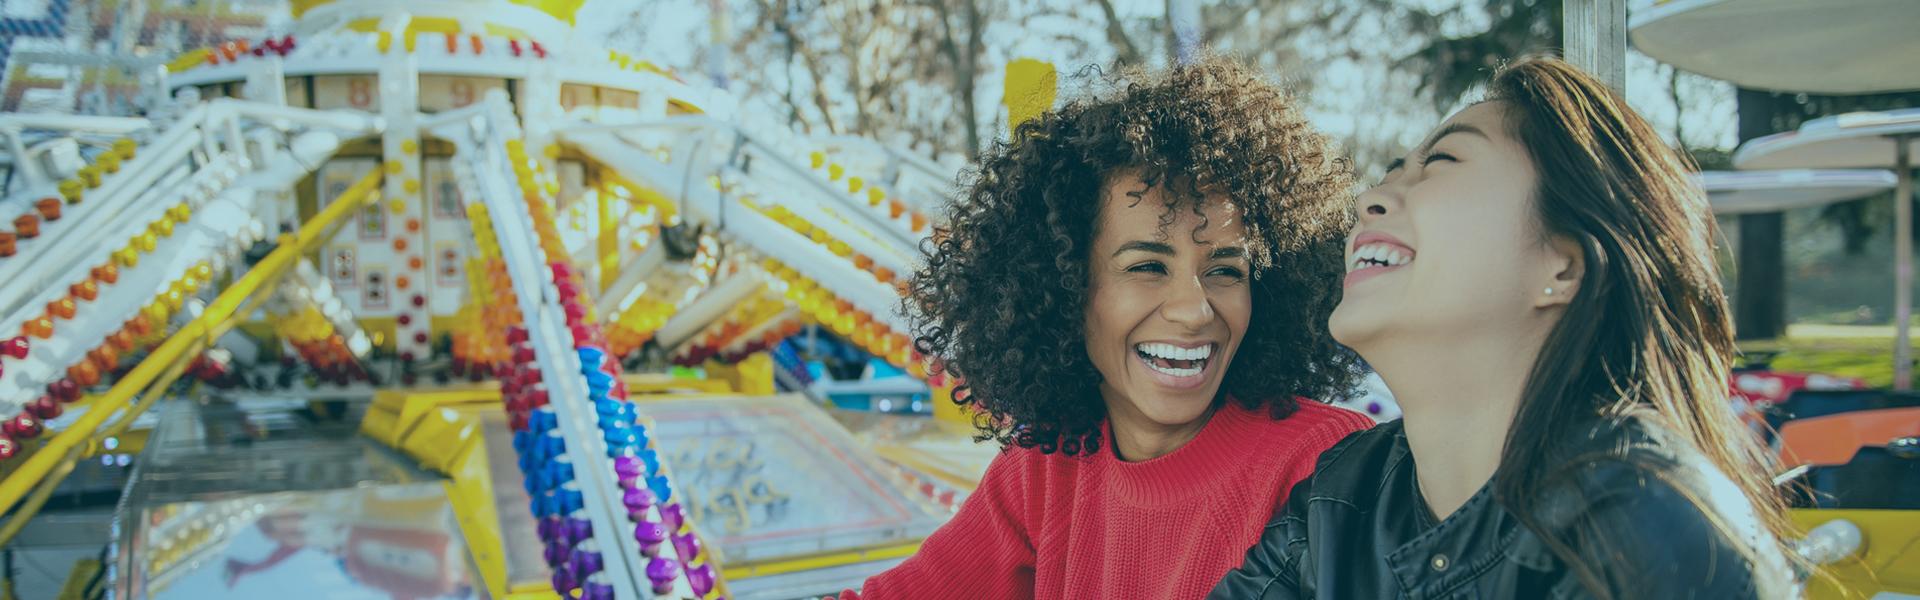 Women on Carnival Ride